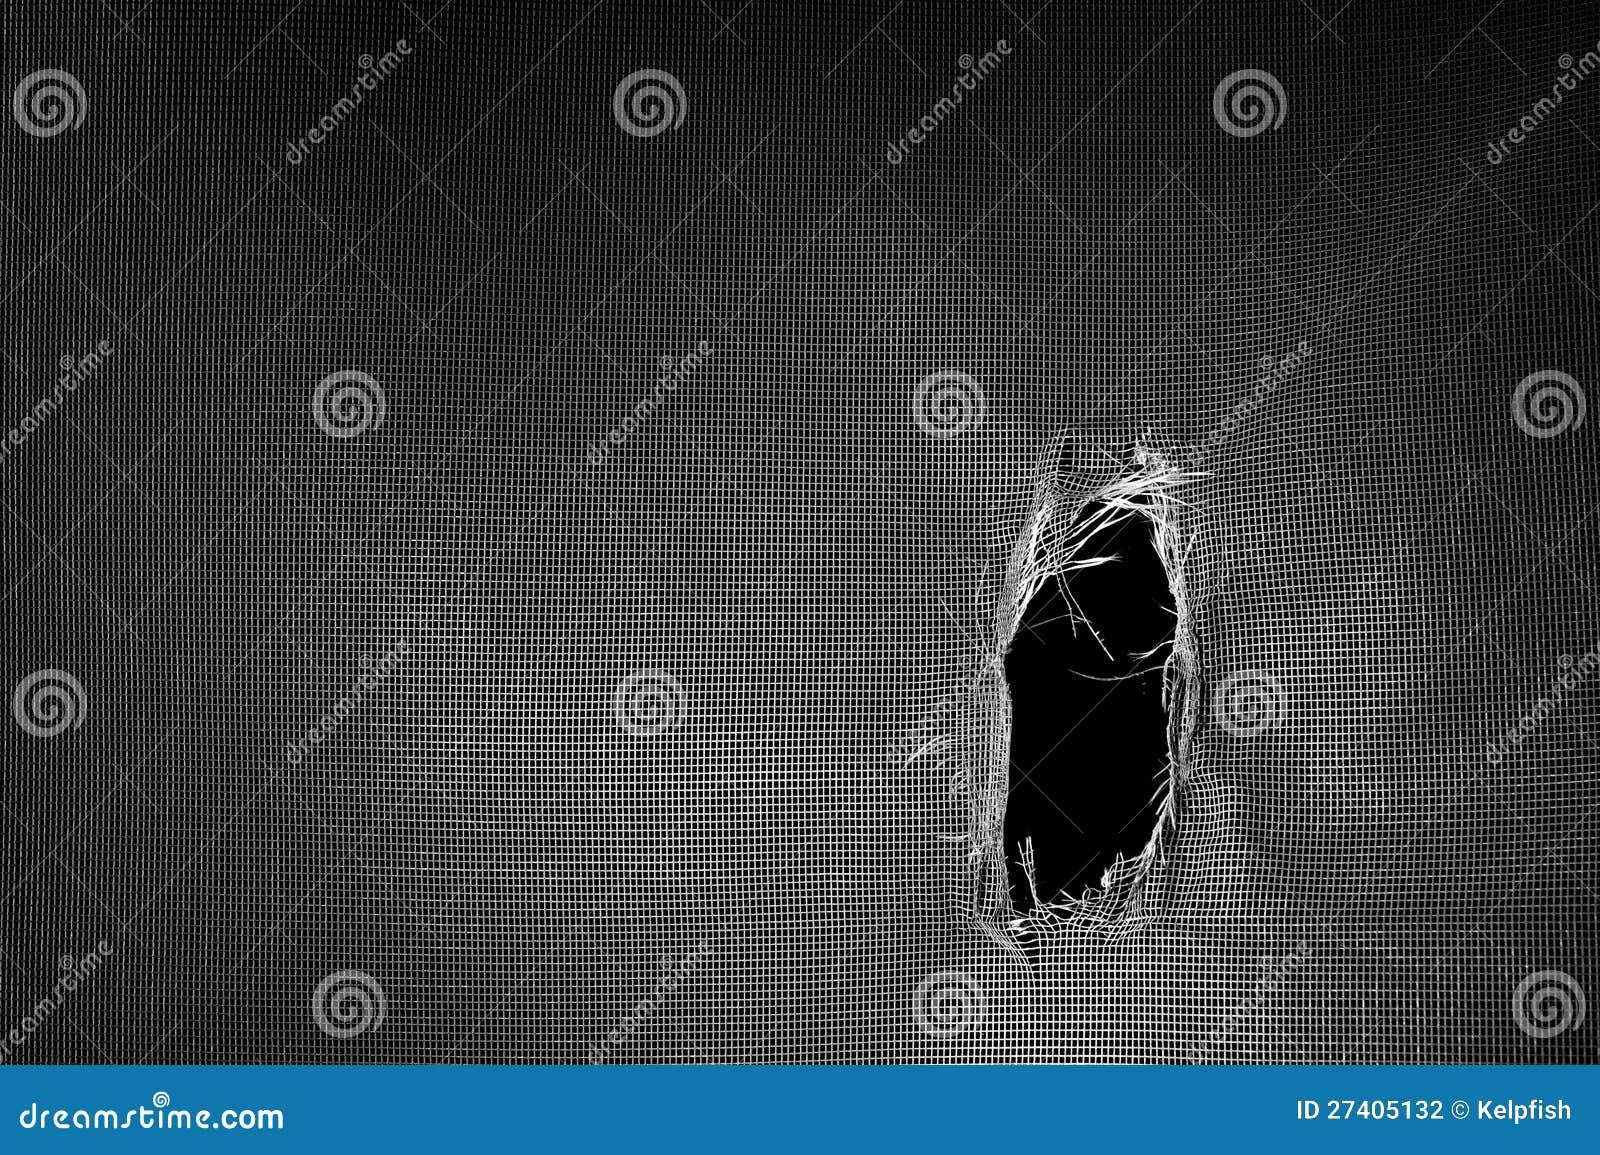 Torn window screen